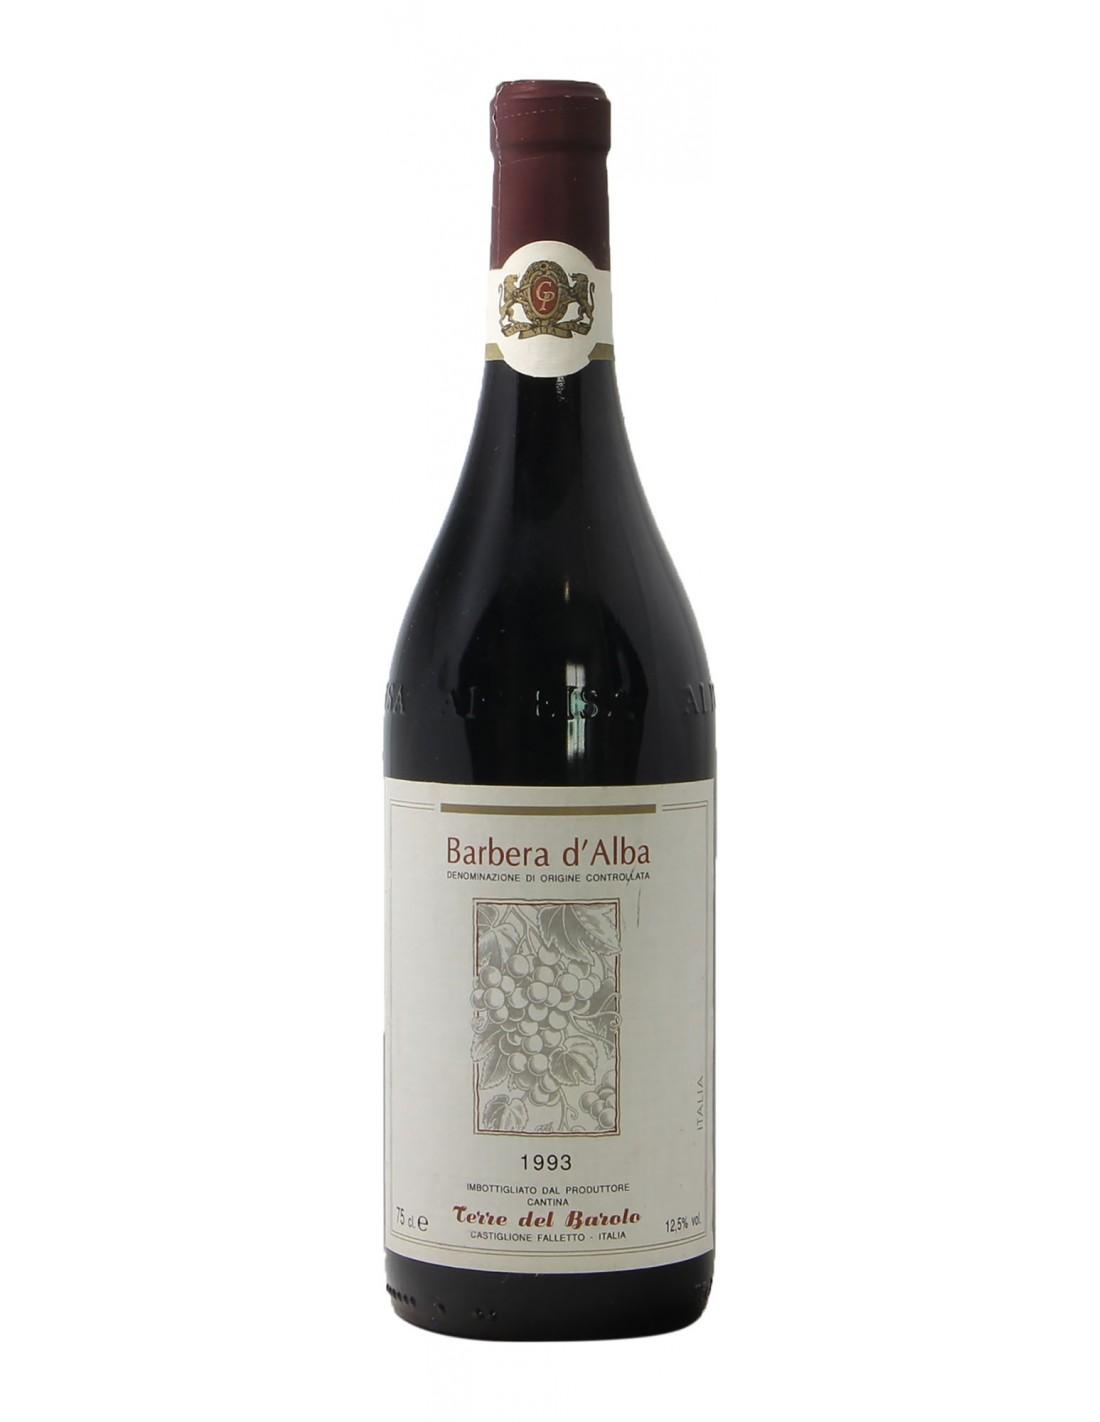 BARBERA D'ALBA 1993 TERRE DEL BAROLO Grandi Bottiglie